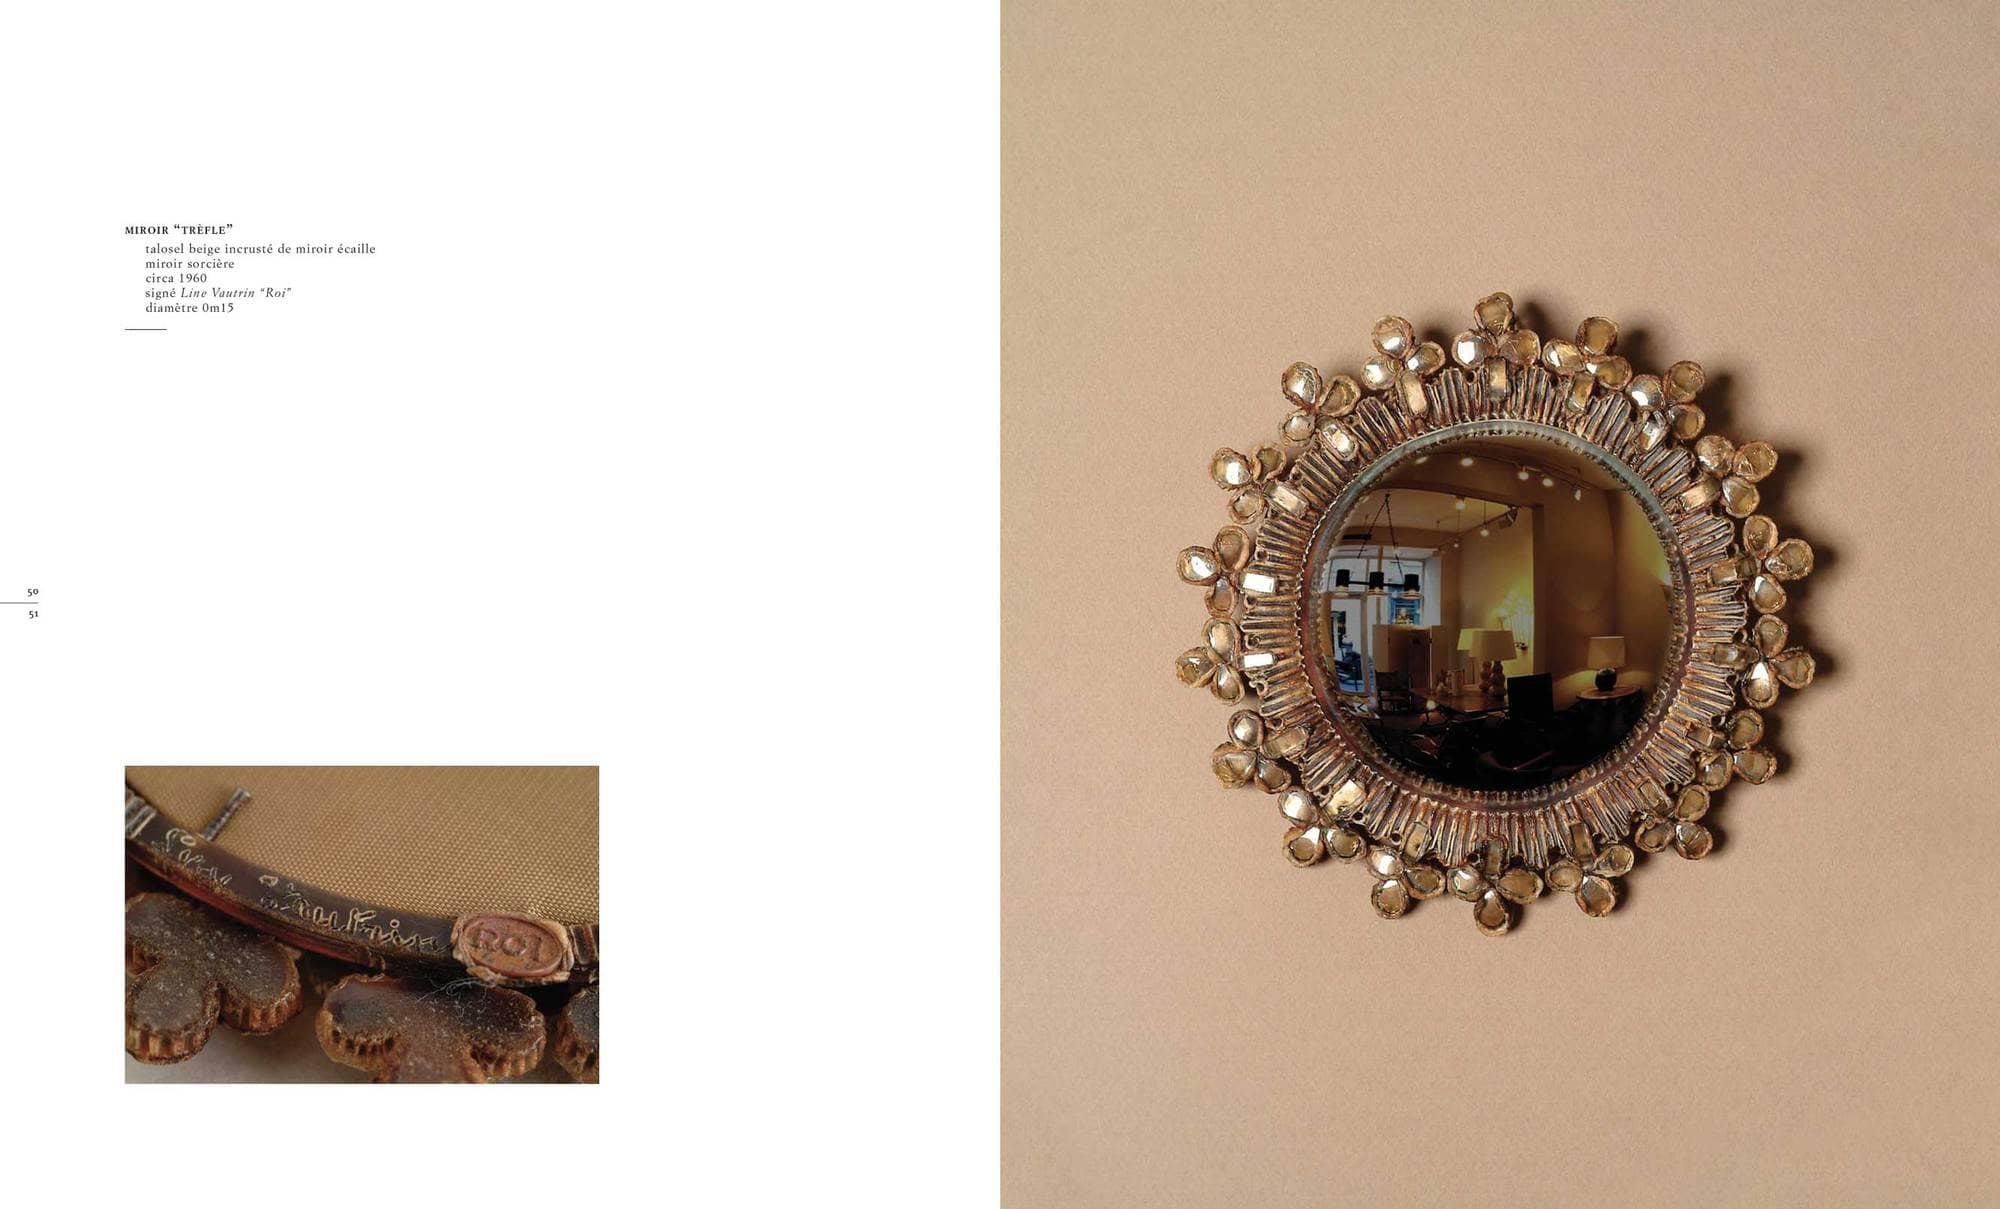 vautrin-miroirs-7